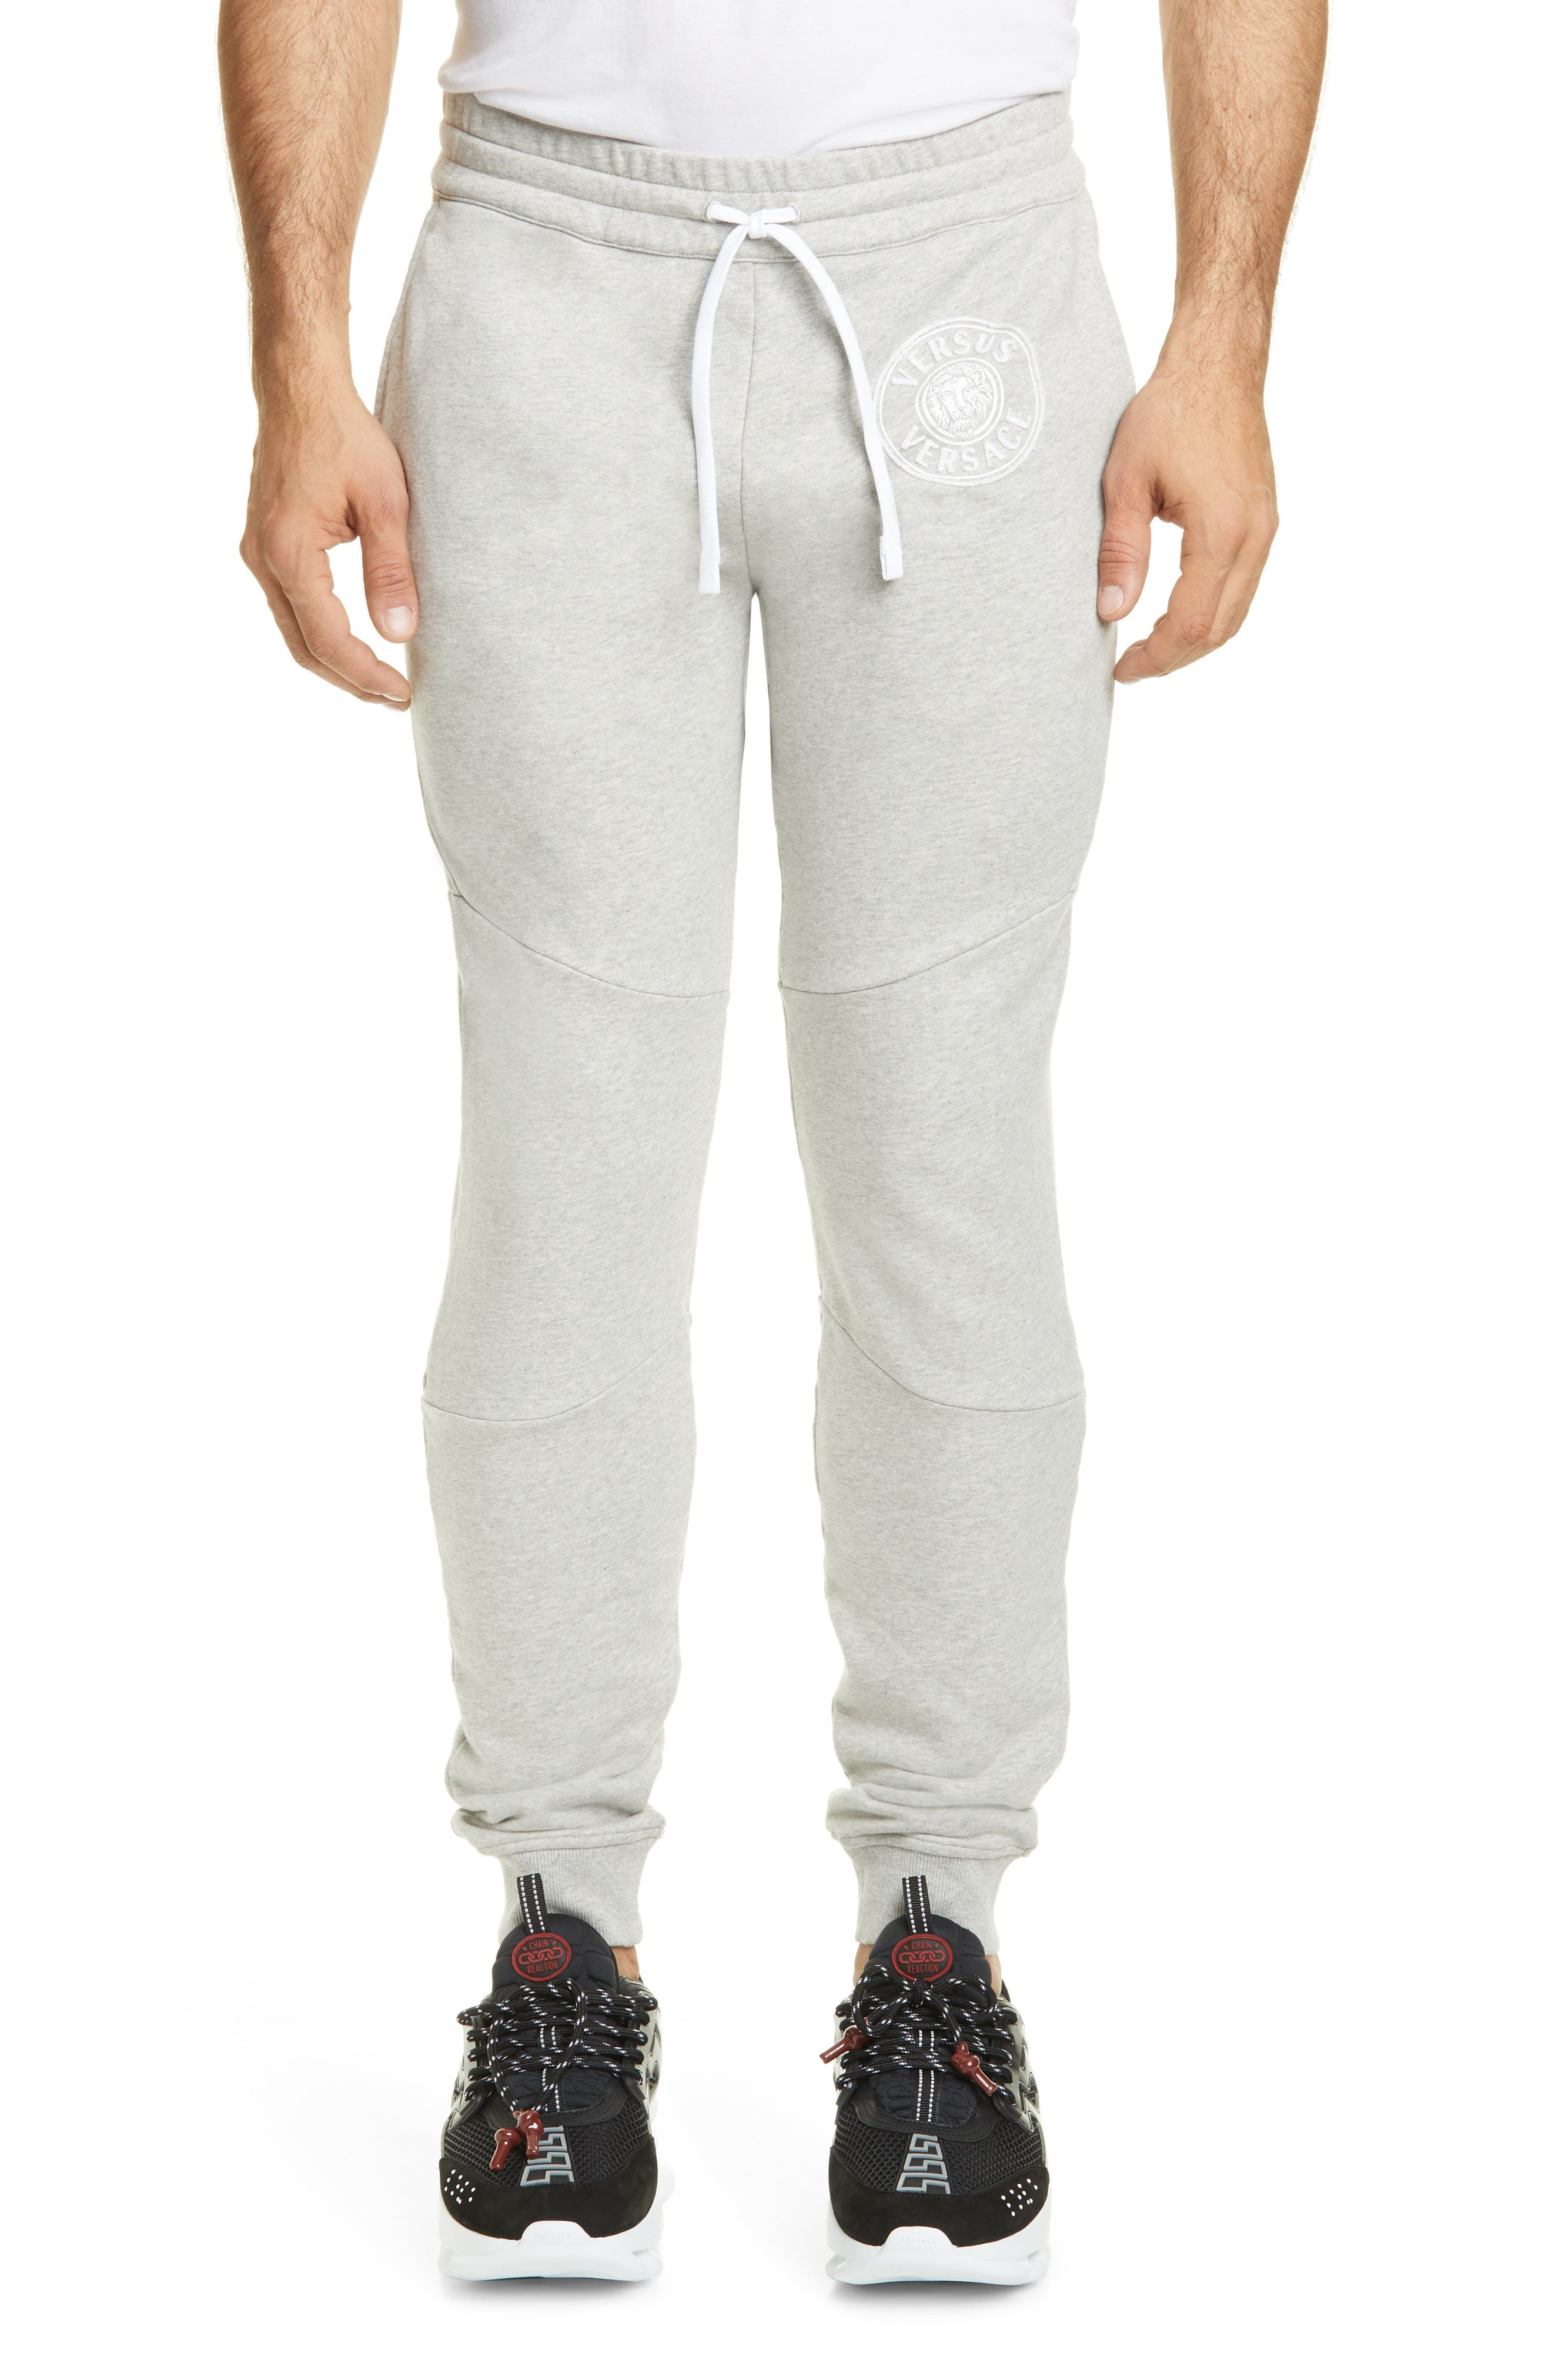 Men's Versus Versace Skinny Fit Logo Sweatpants